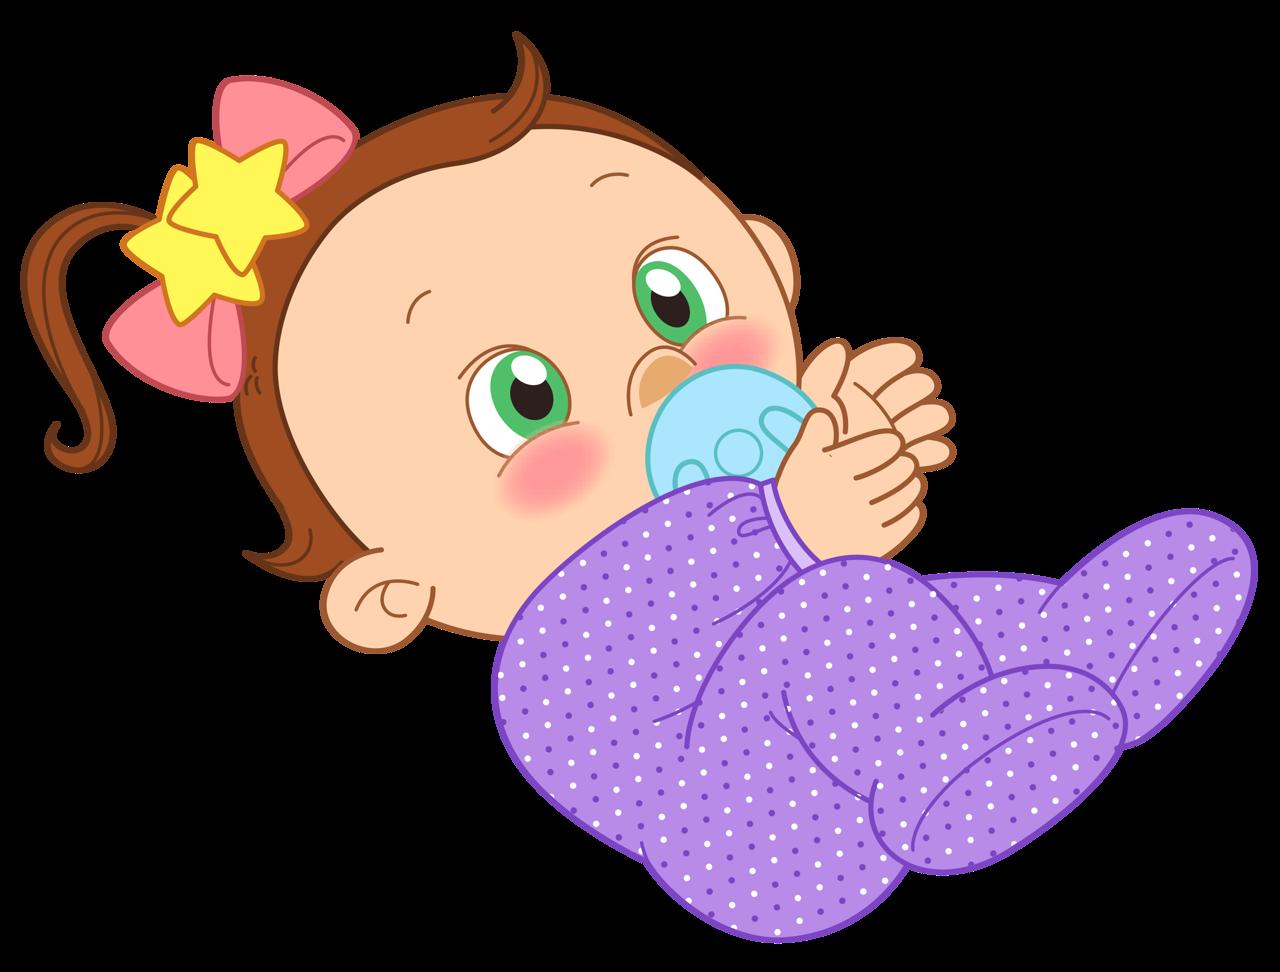 Днем географа, картинки новорожденных детей нарисованные